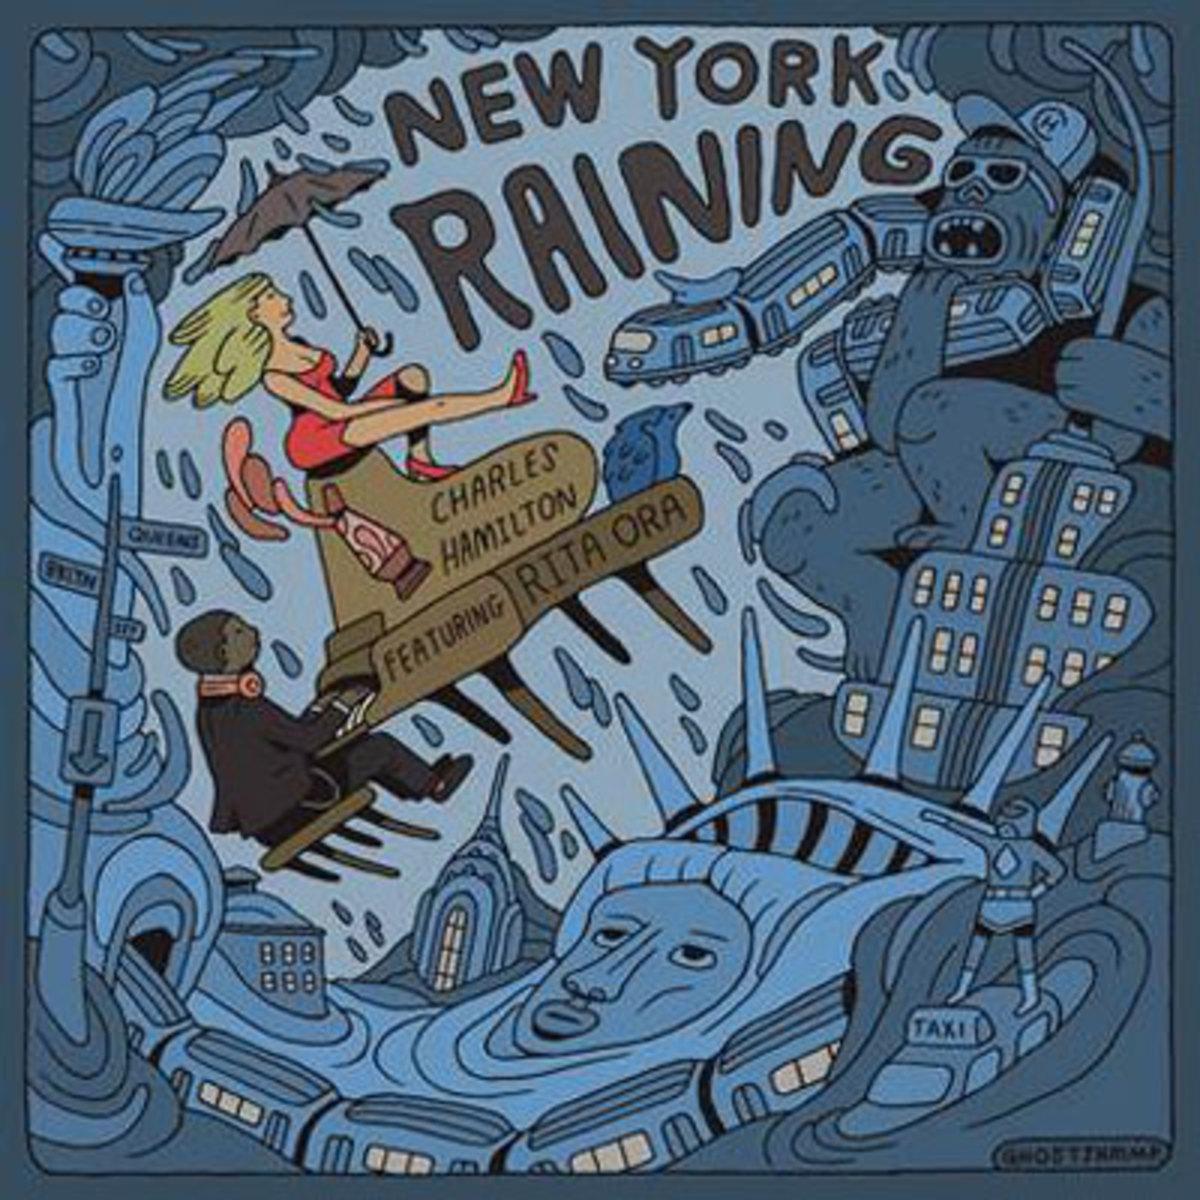 charles-hamilton-new-york-raining.jpg